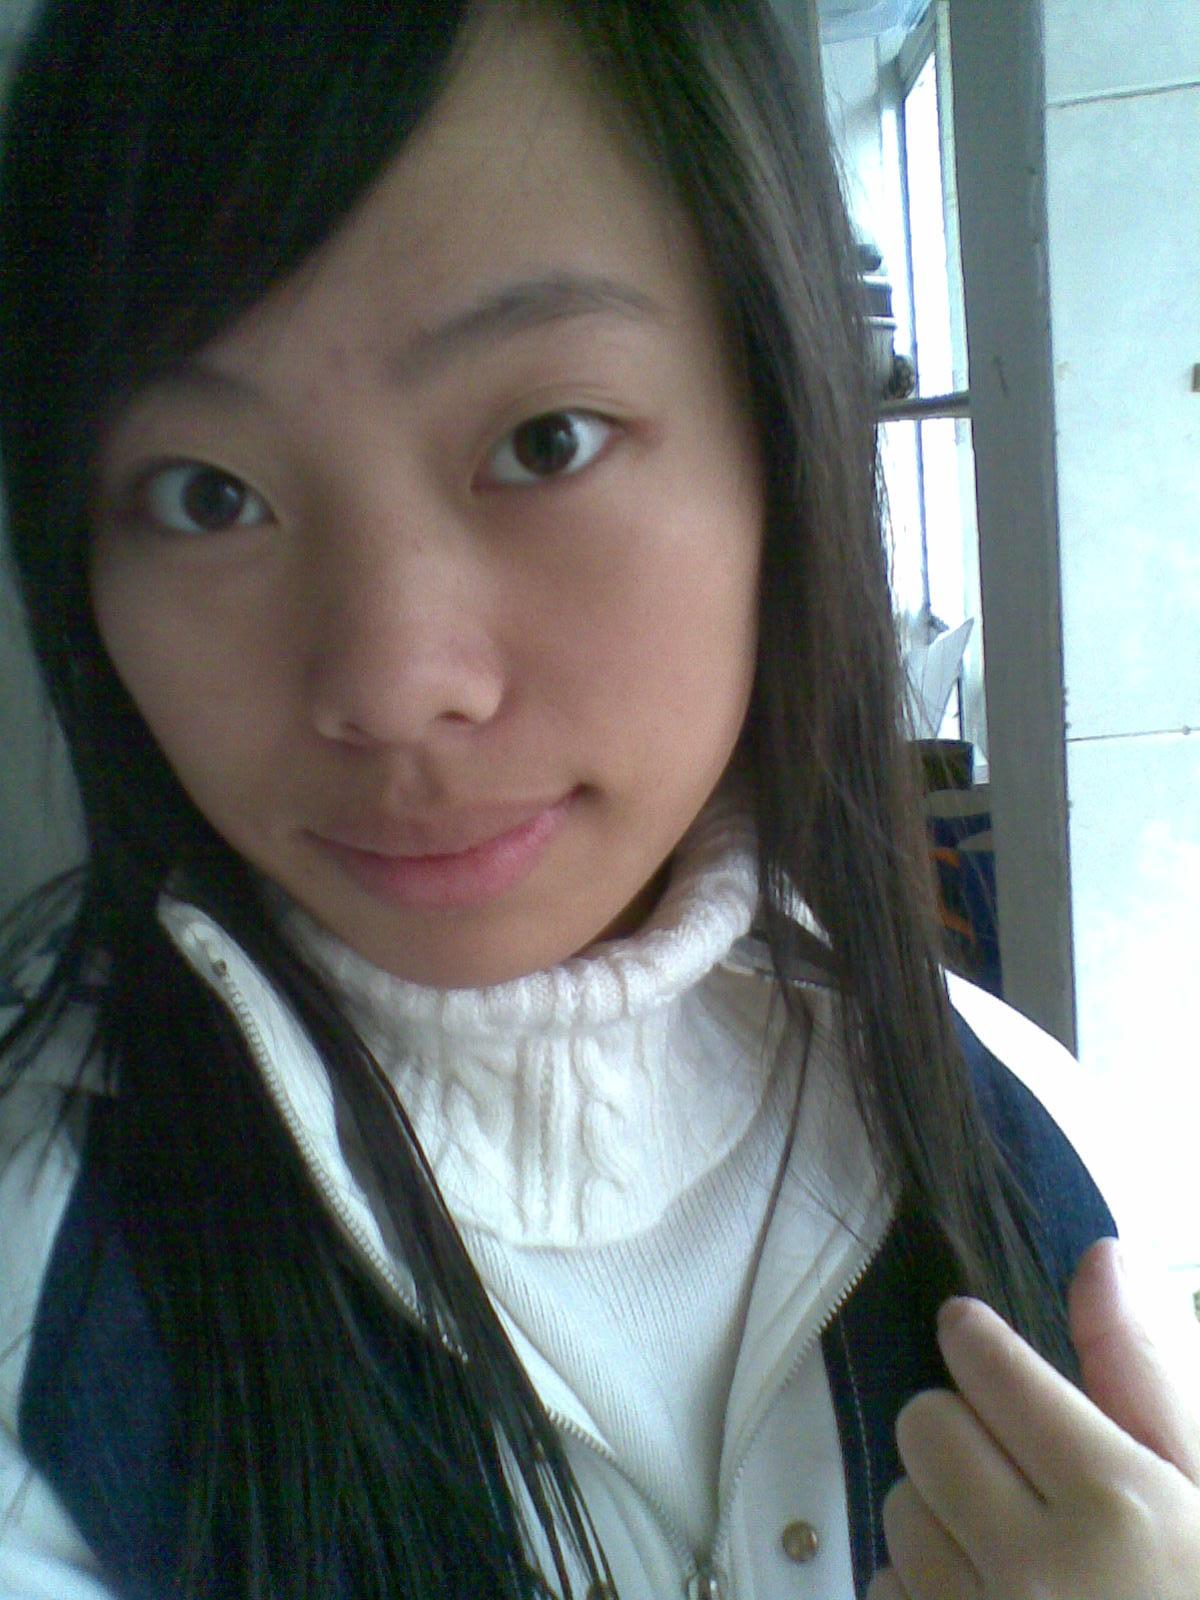 发型吗一定不能短于你的下巴不然显得脸更长,至于刘海你说了你额头较图片